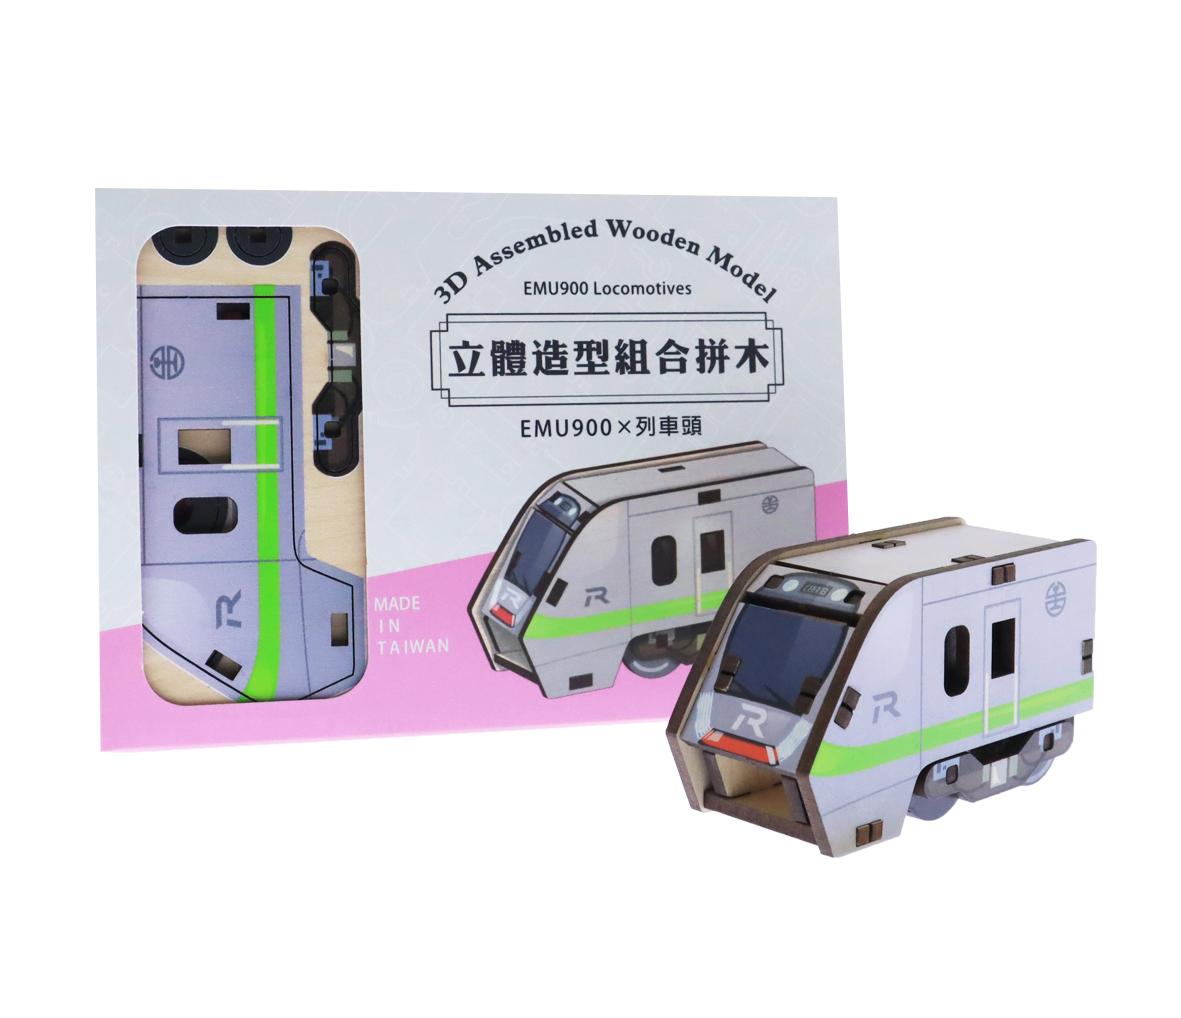 EMU900車頭立體組合拼木圖片共2張